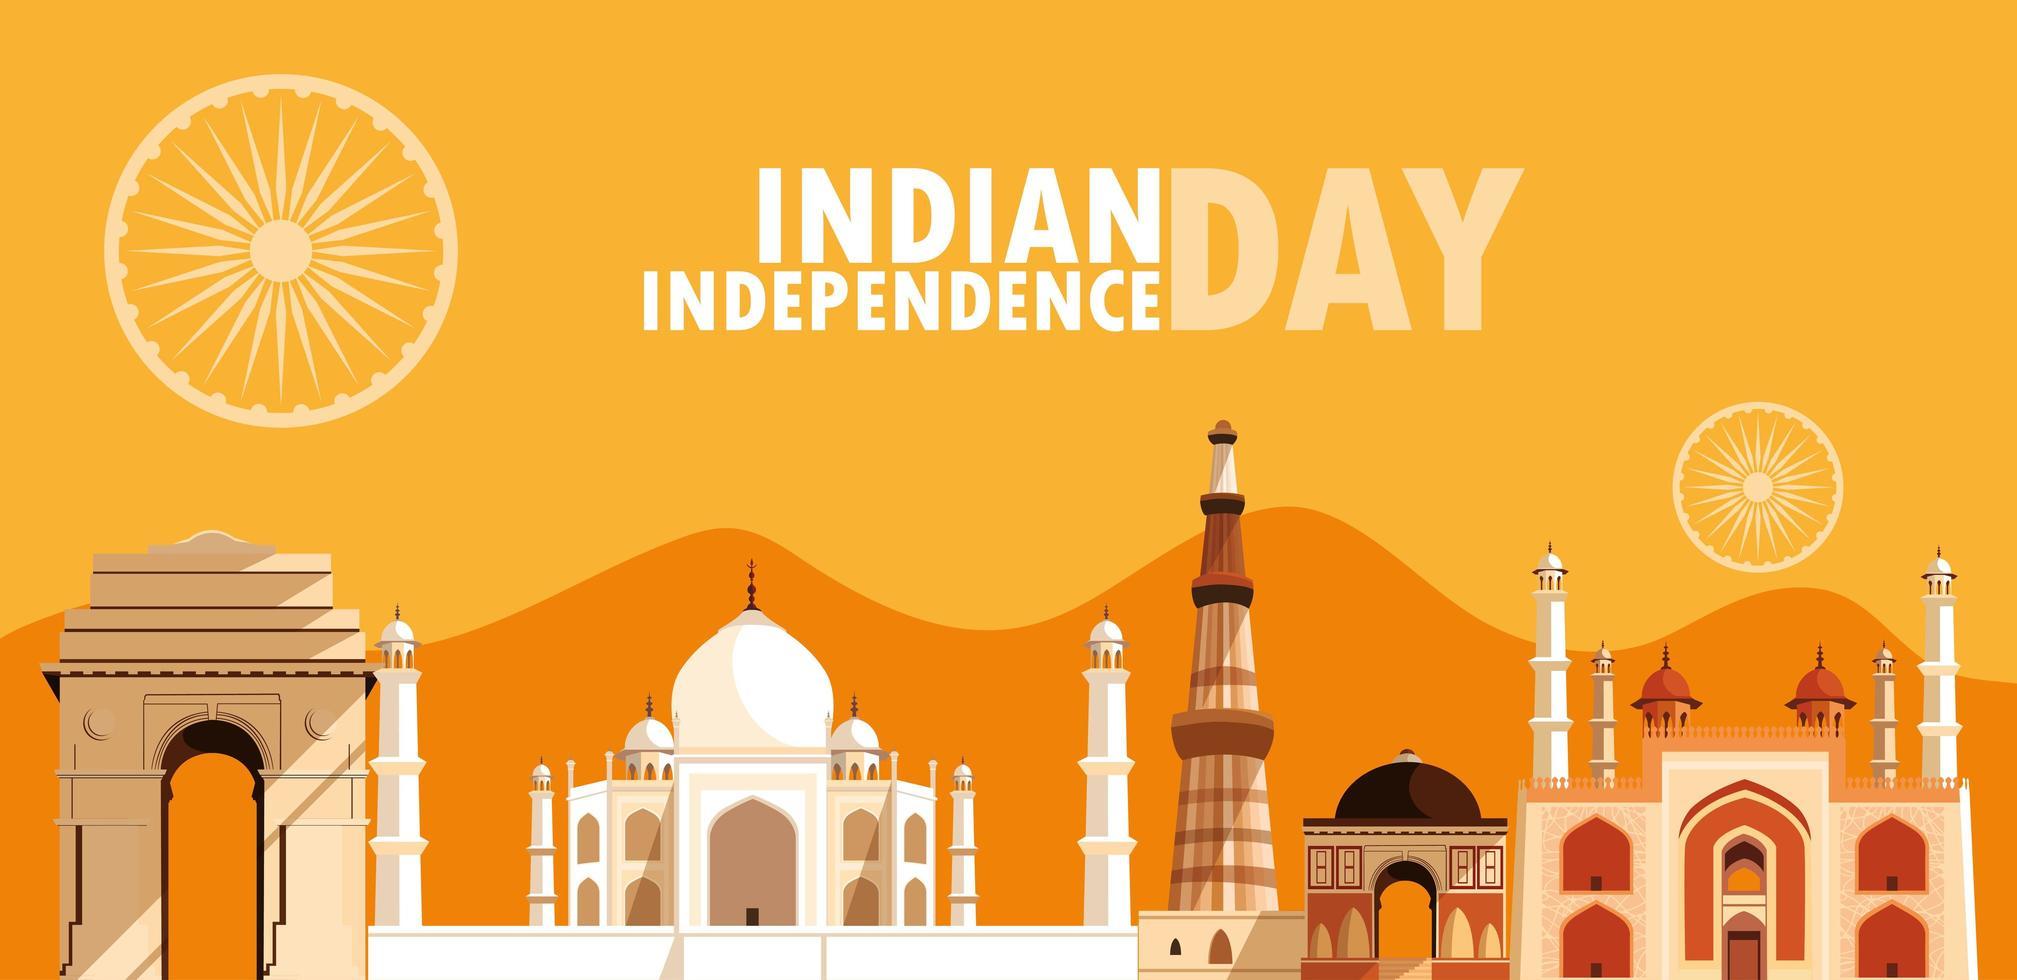 affiche de la fête de l'indépendance indienne avec groupe de bâtiments vecteur